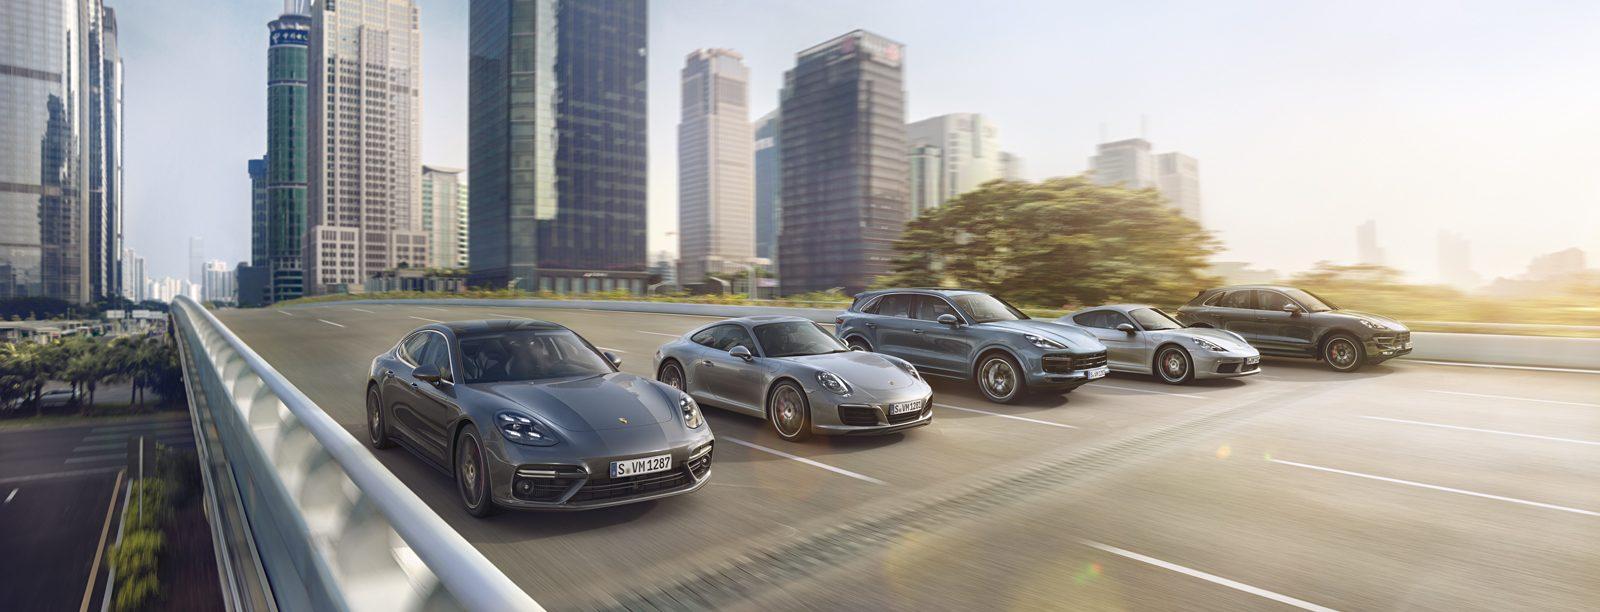 Porsche Việt Nam giới thiệu điểm đến mới dành cho người hâm mộ xe thể thao 6